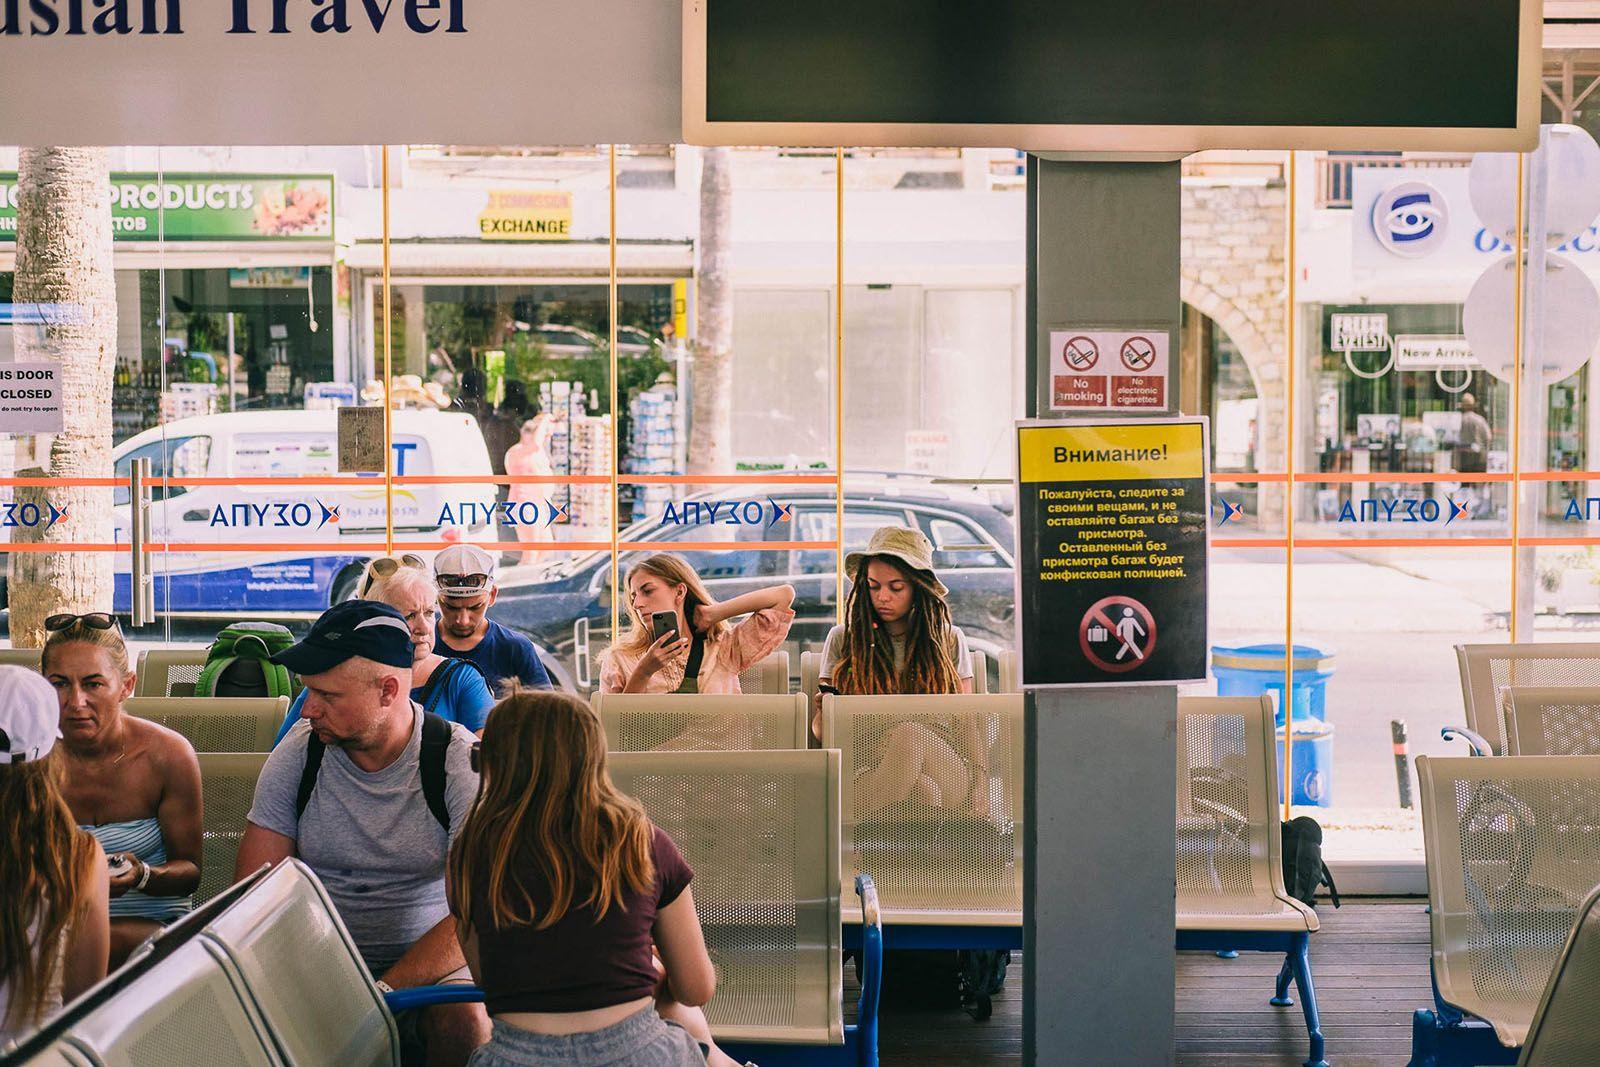 Автобусна станція в Пафосі